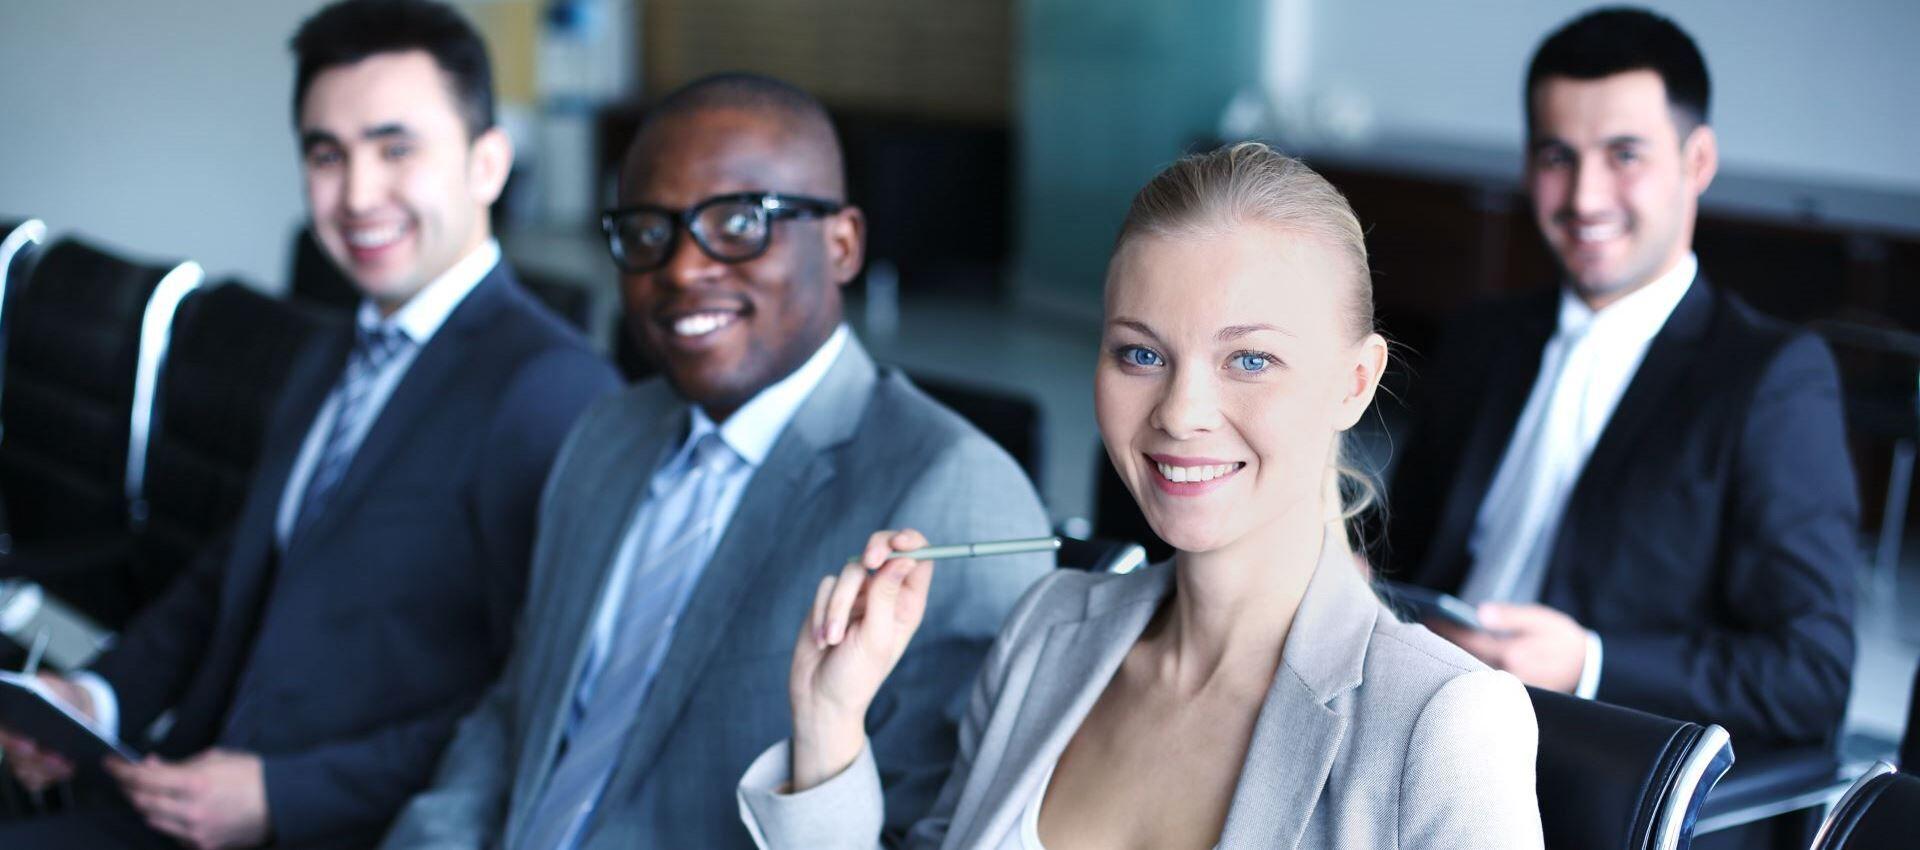 Corsi Sicurezza Online - Un'Opportunità di Alto Livello per l'Aggiornamento Professionale.